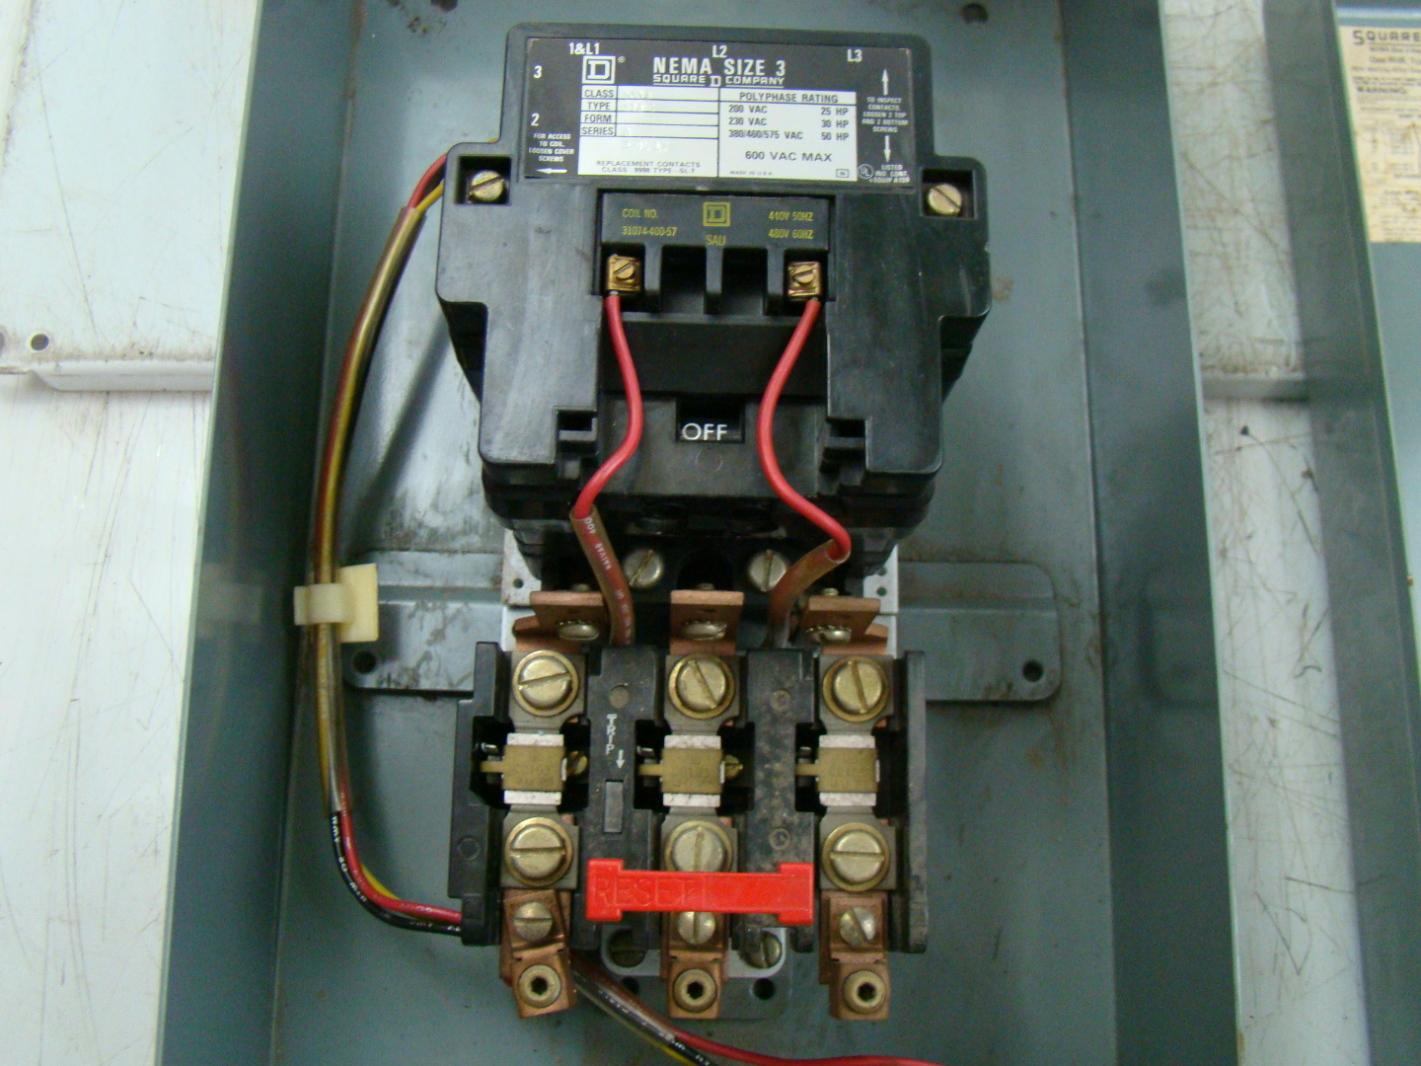 Square D 600v Enclosed Magnetic Motor Starter 8536